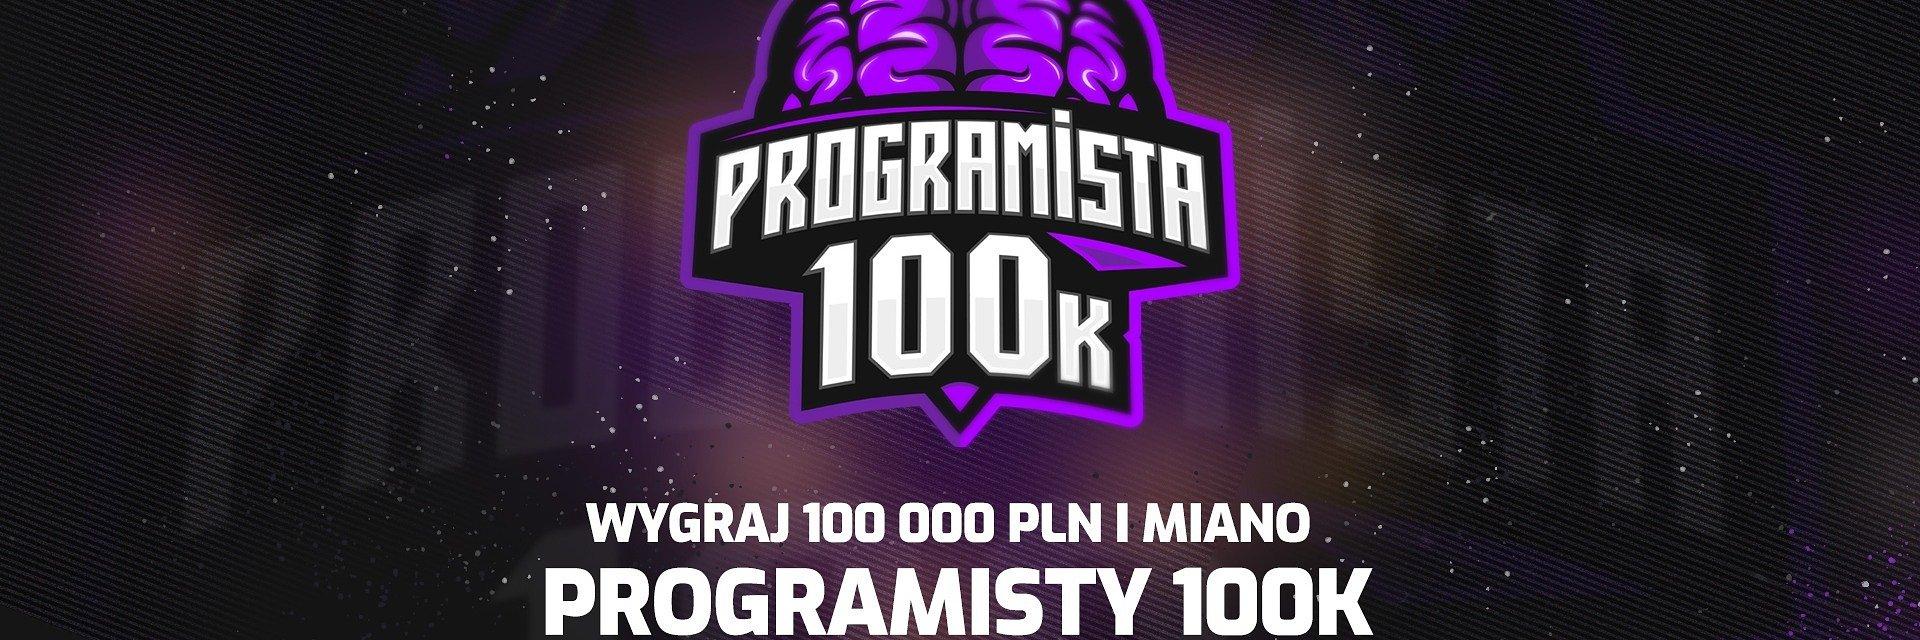 100 tys. zł do wygrania w pierwszym w historii teleturnieju dla programistów